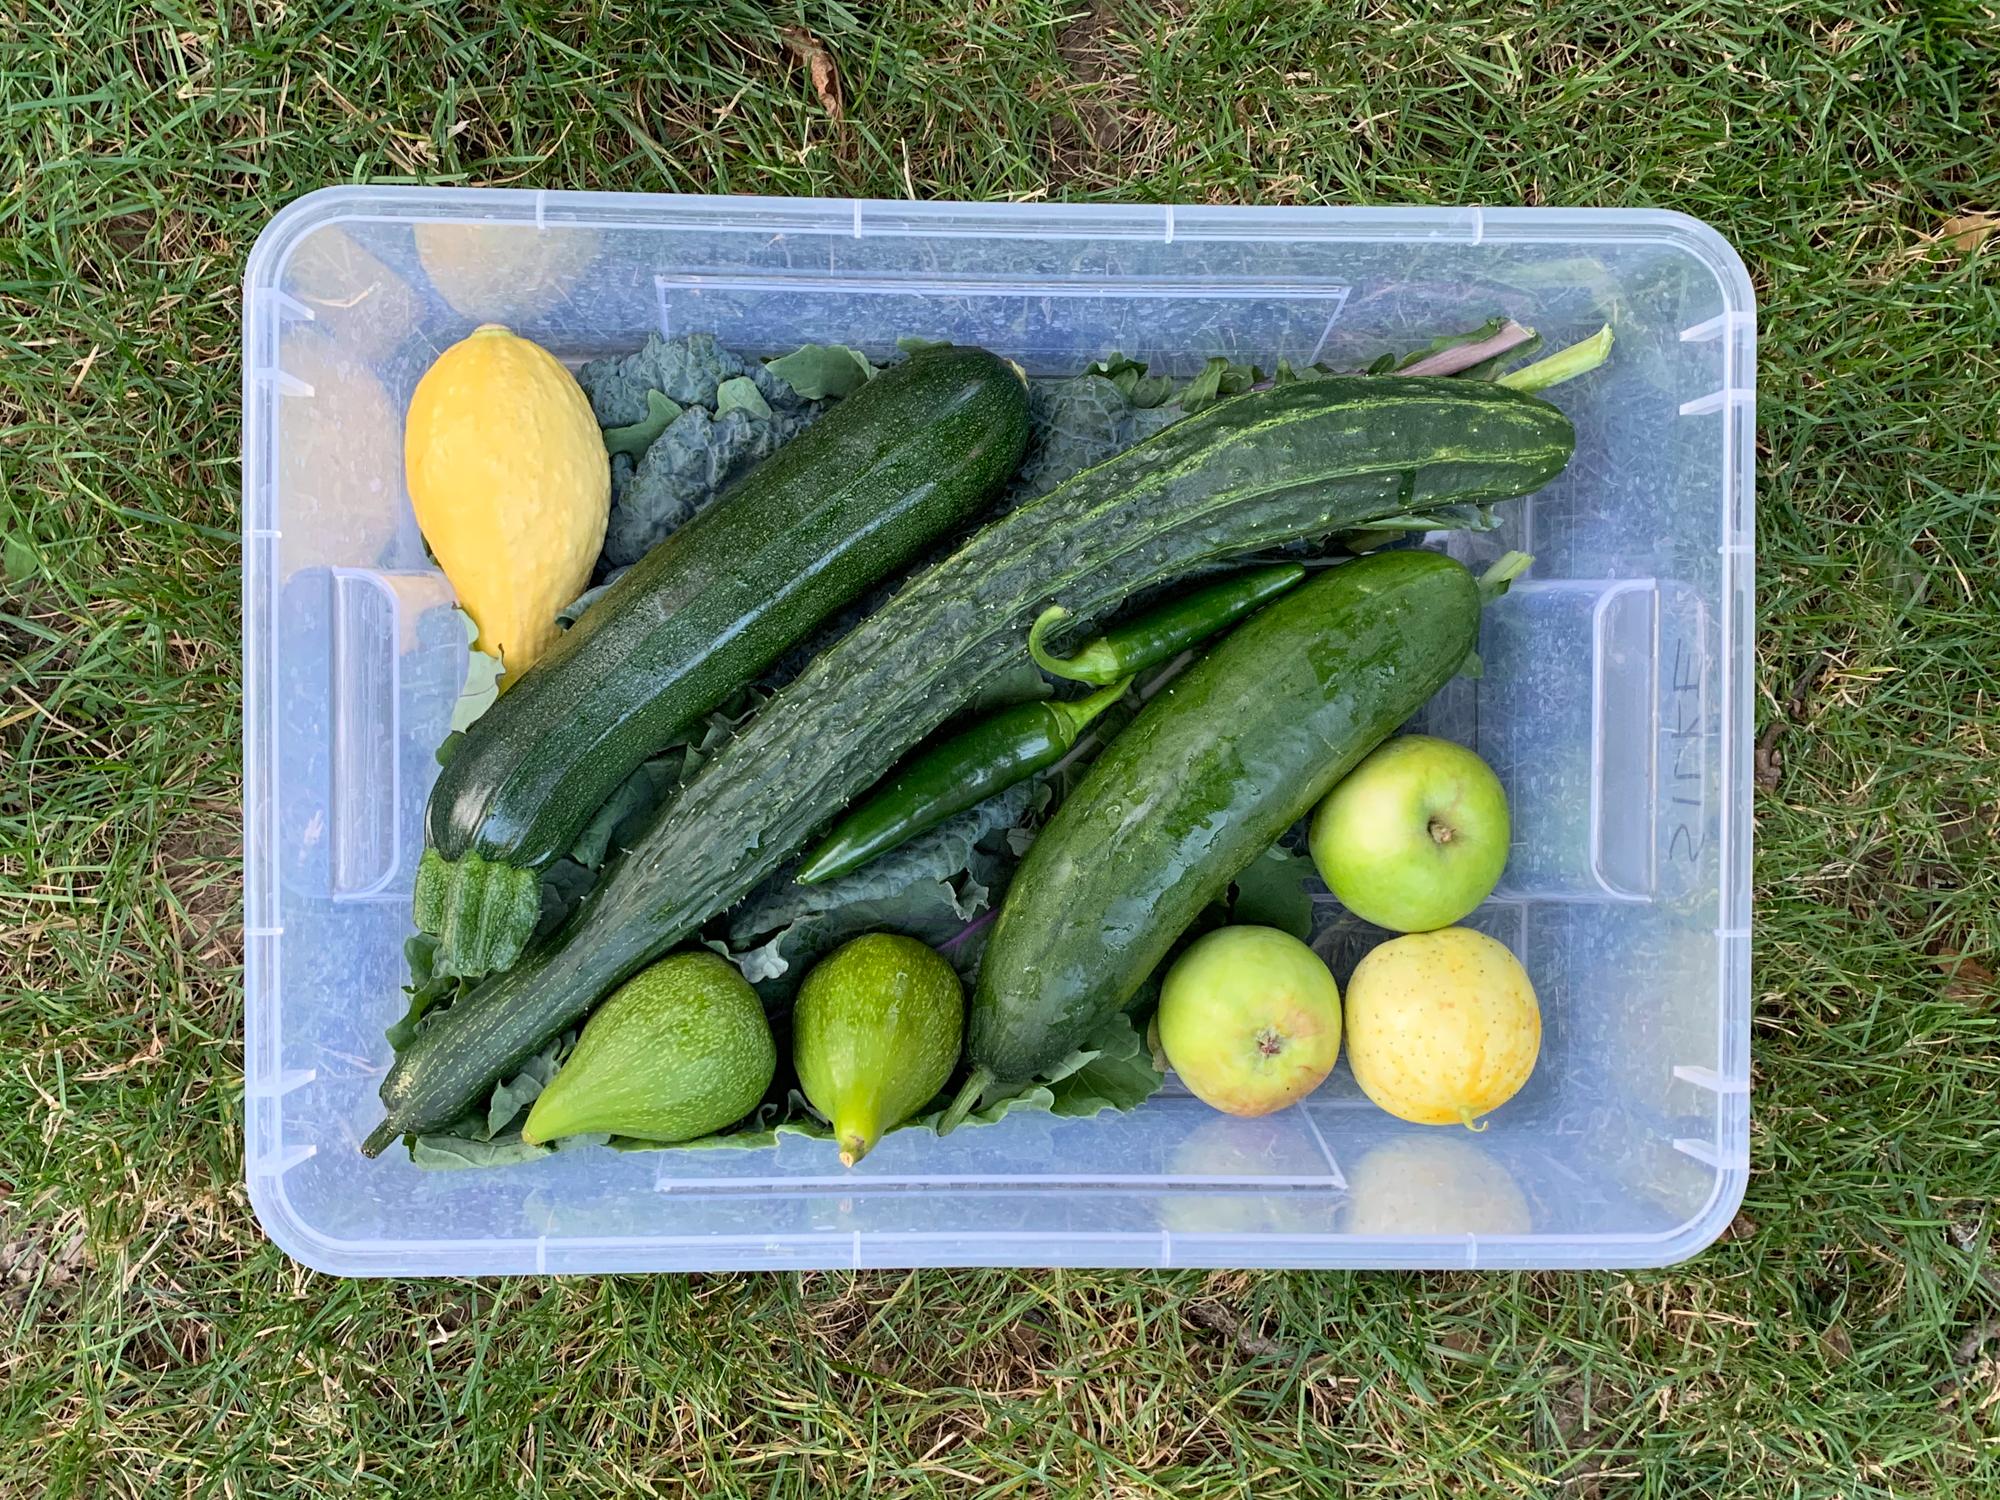 Amity Gardens CSA box